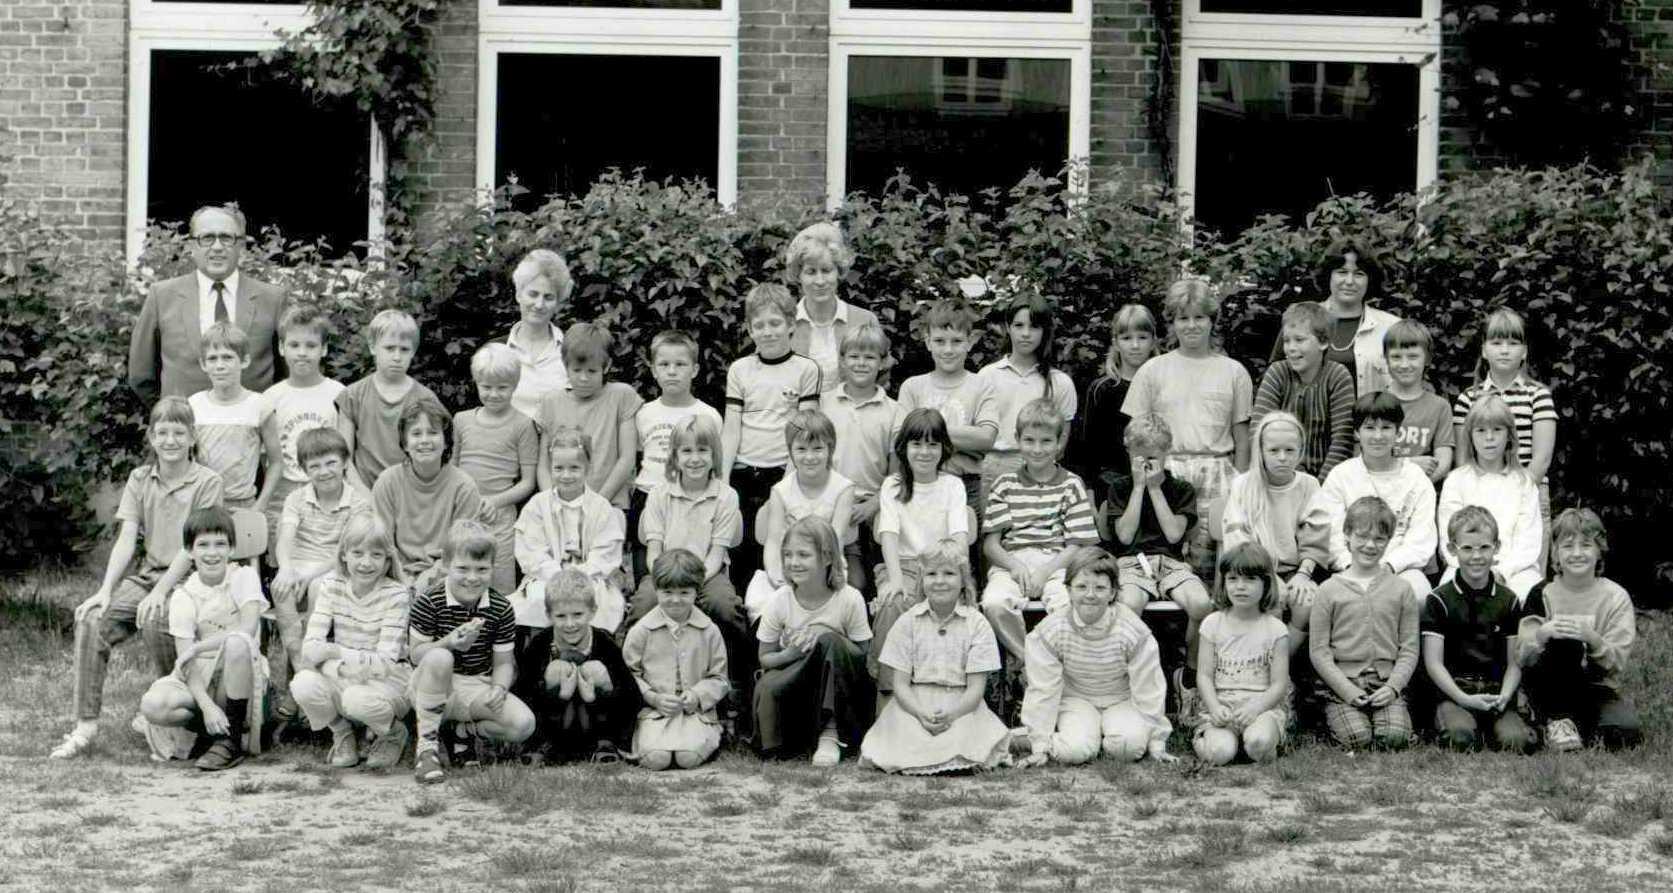 Schueler 1986